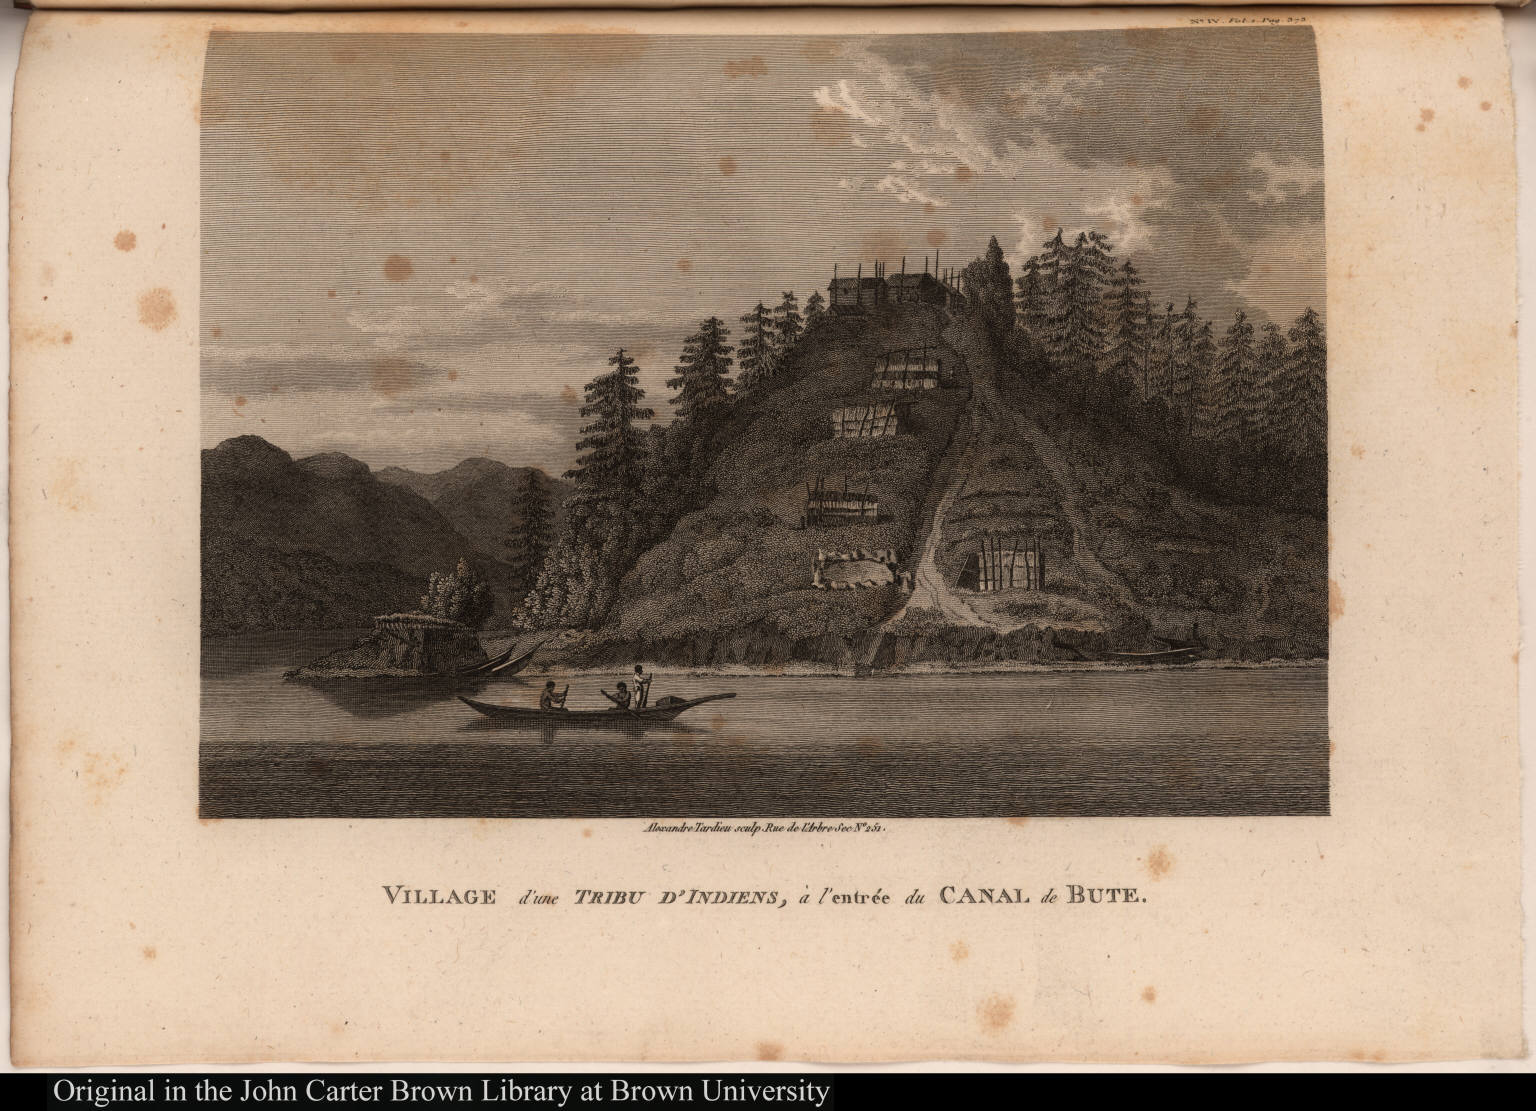 Village d'une Tribu d'Indiens, à l'entrée du Canal de Bute.